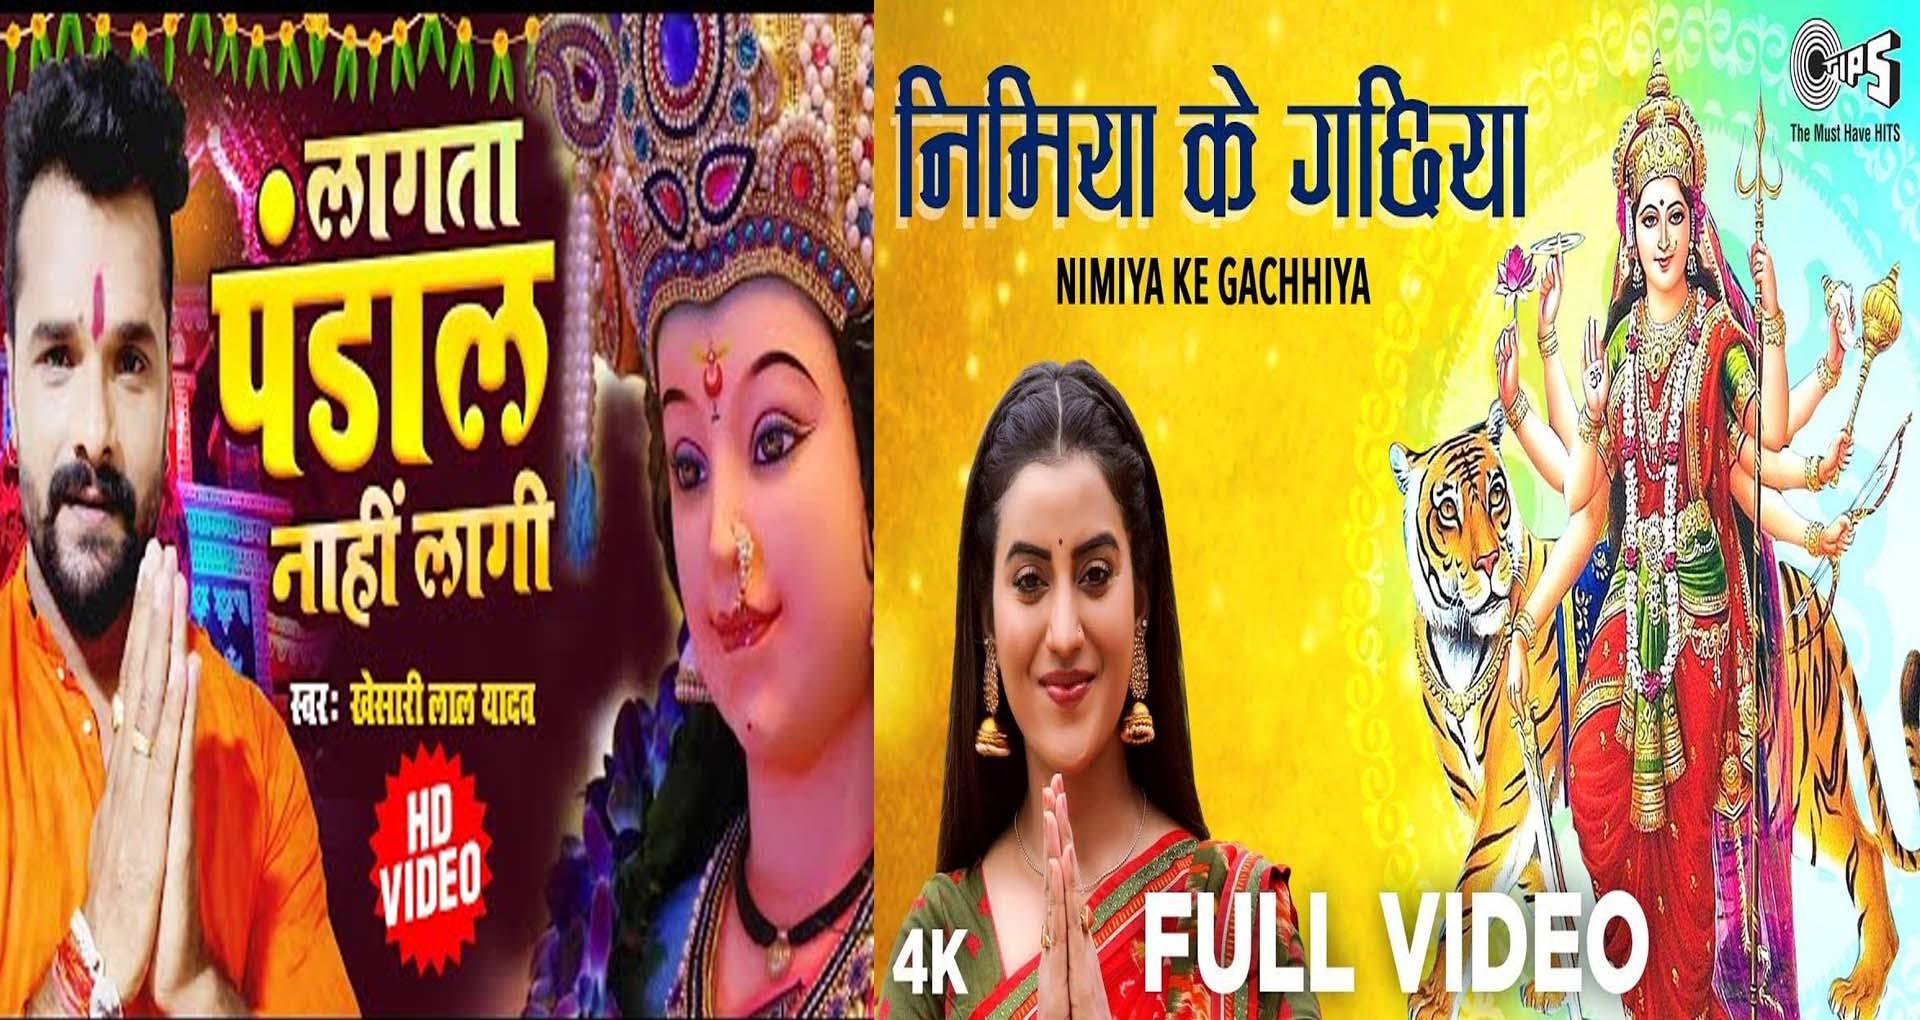 Bhojpuri Devi Geet 2020: नवरात्रि के मौके पर हिट हुए खेसारी लाल से लेकर अक्षरा सिंह के देवी गीत